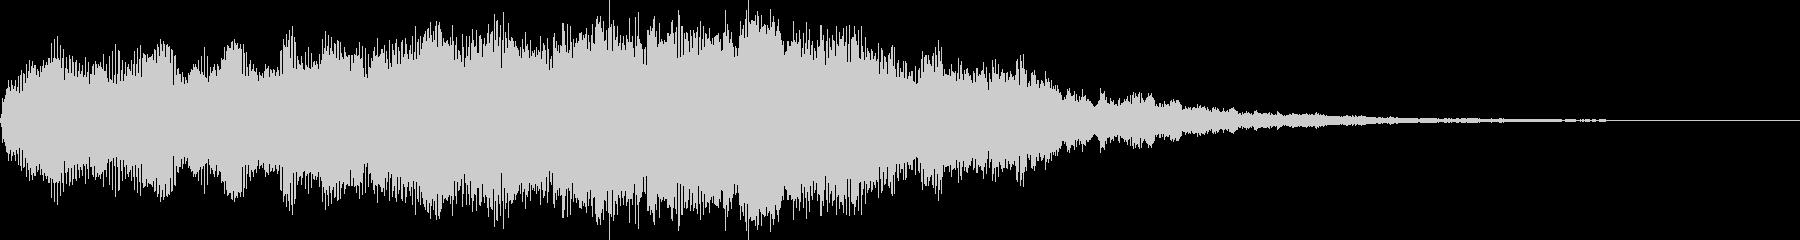 オープニング用アイコン表示サウンドロゴの未再生の波形